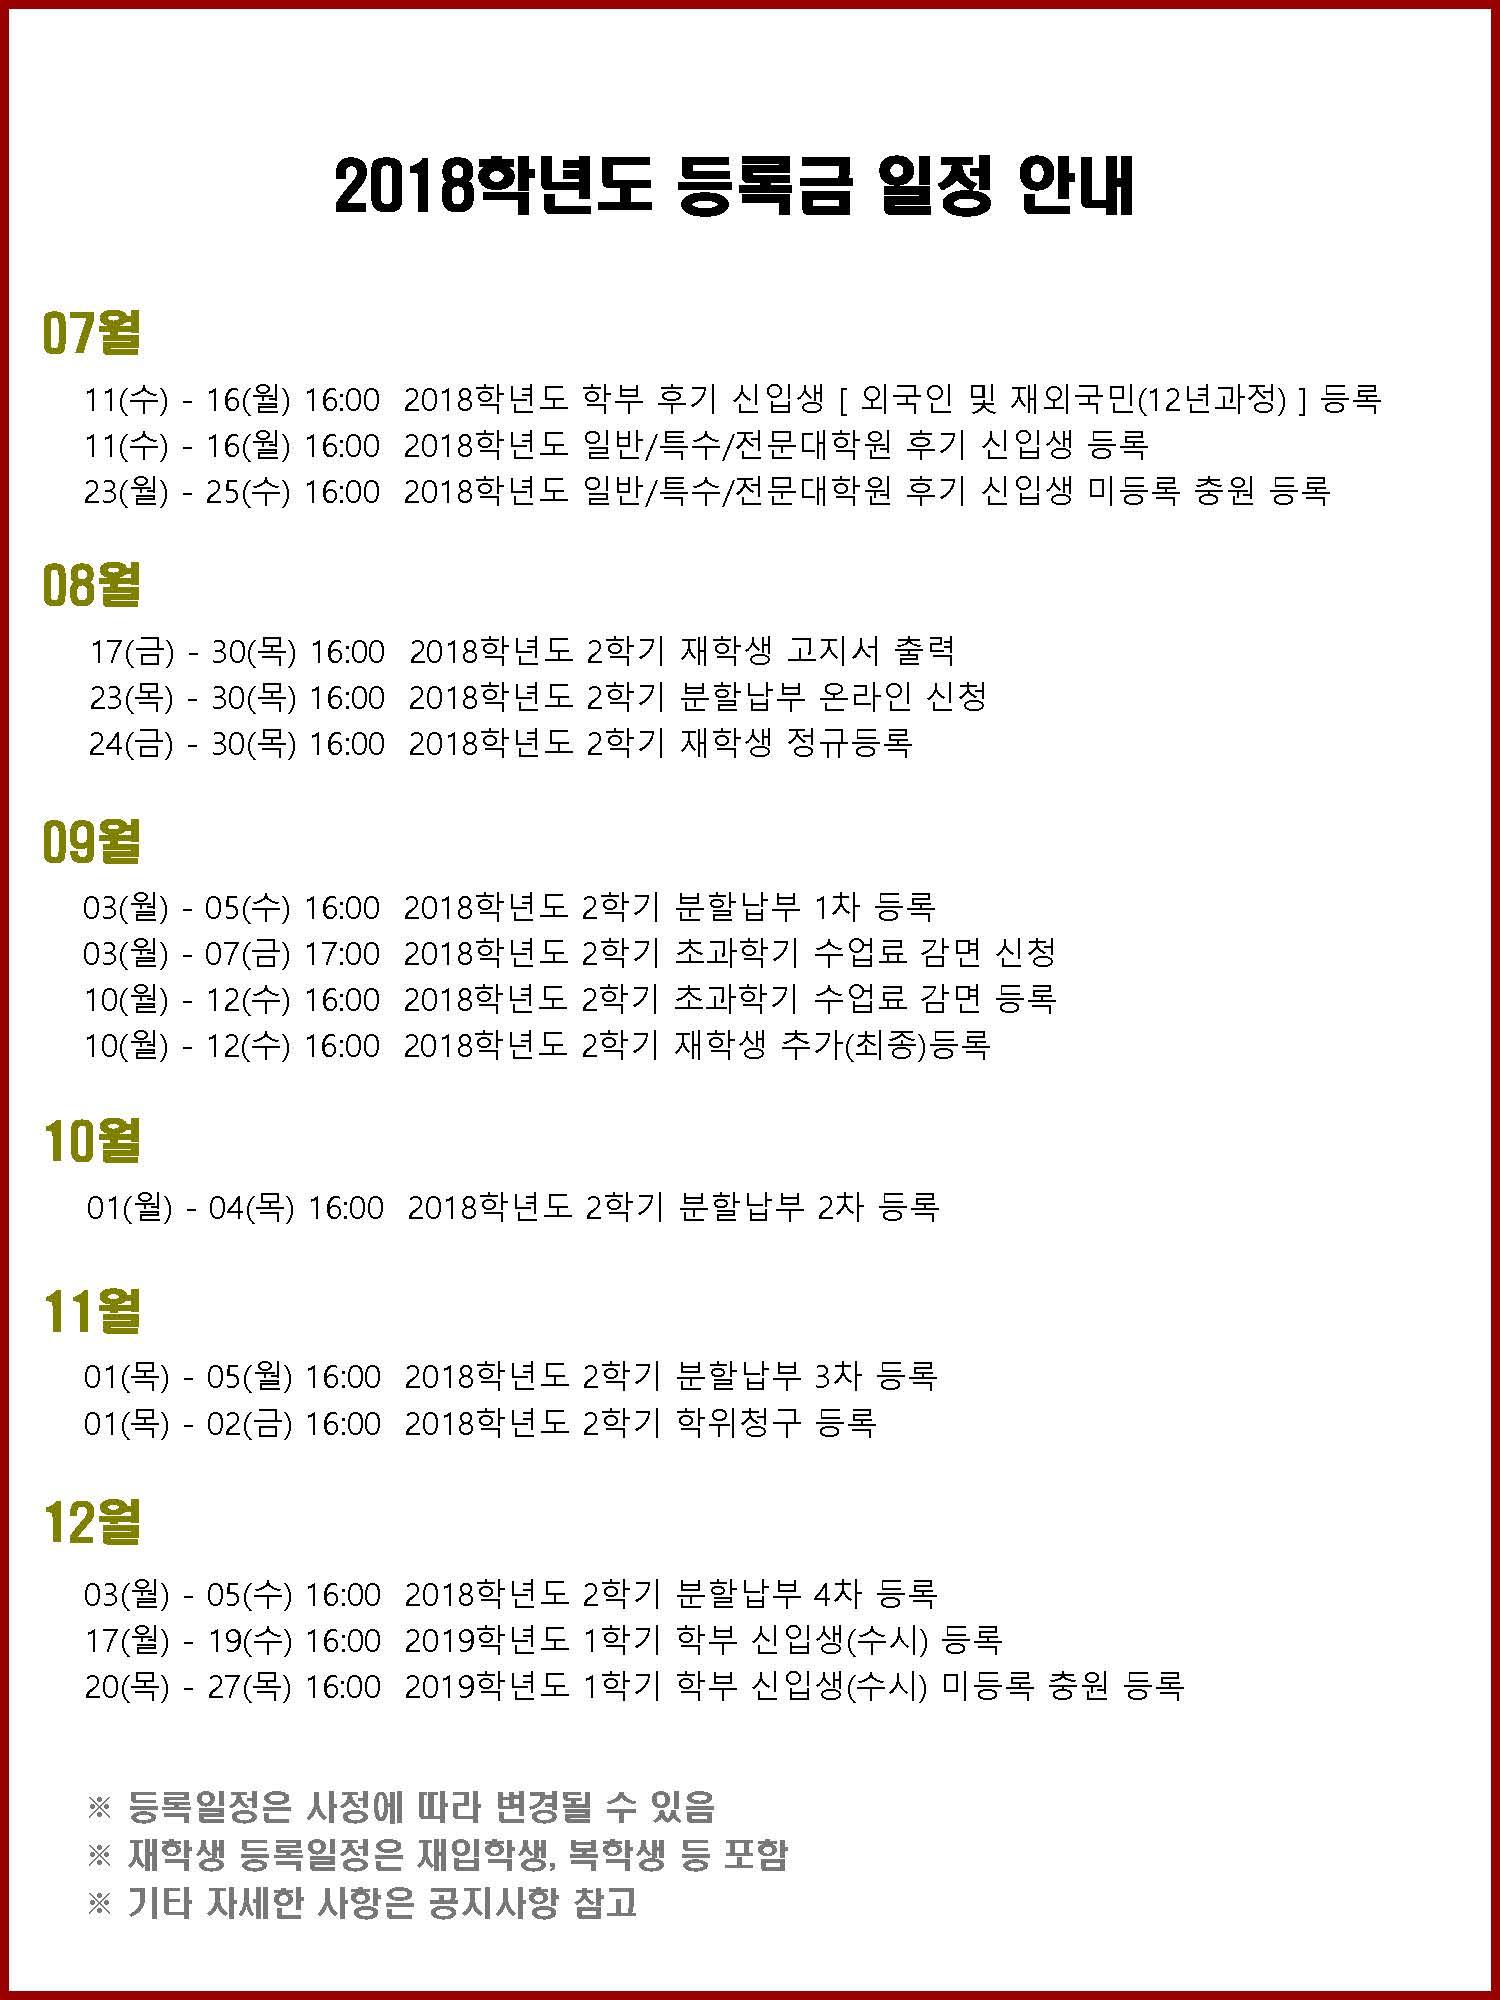 2018학년도 등록금 일정 안내(2학기).jpg